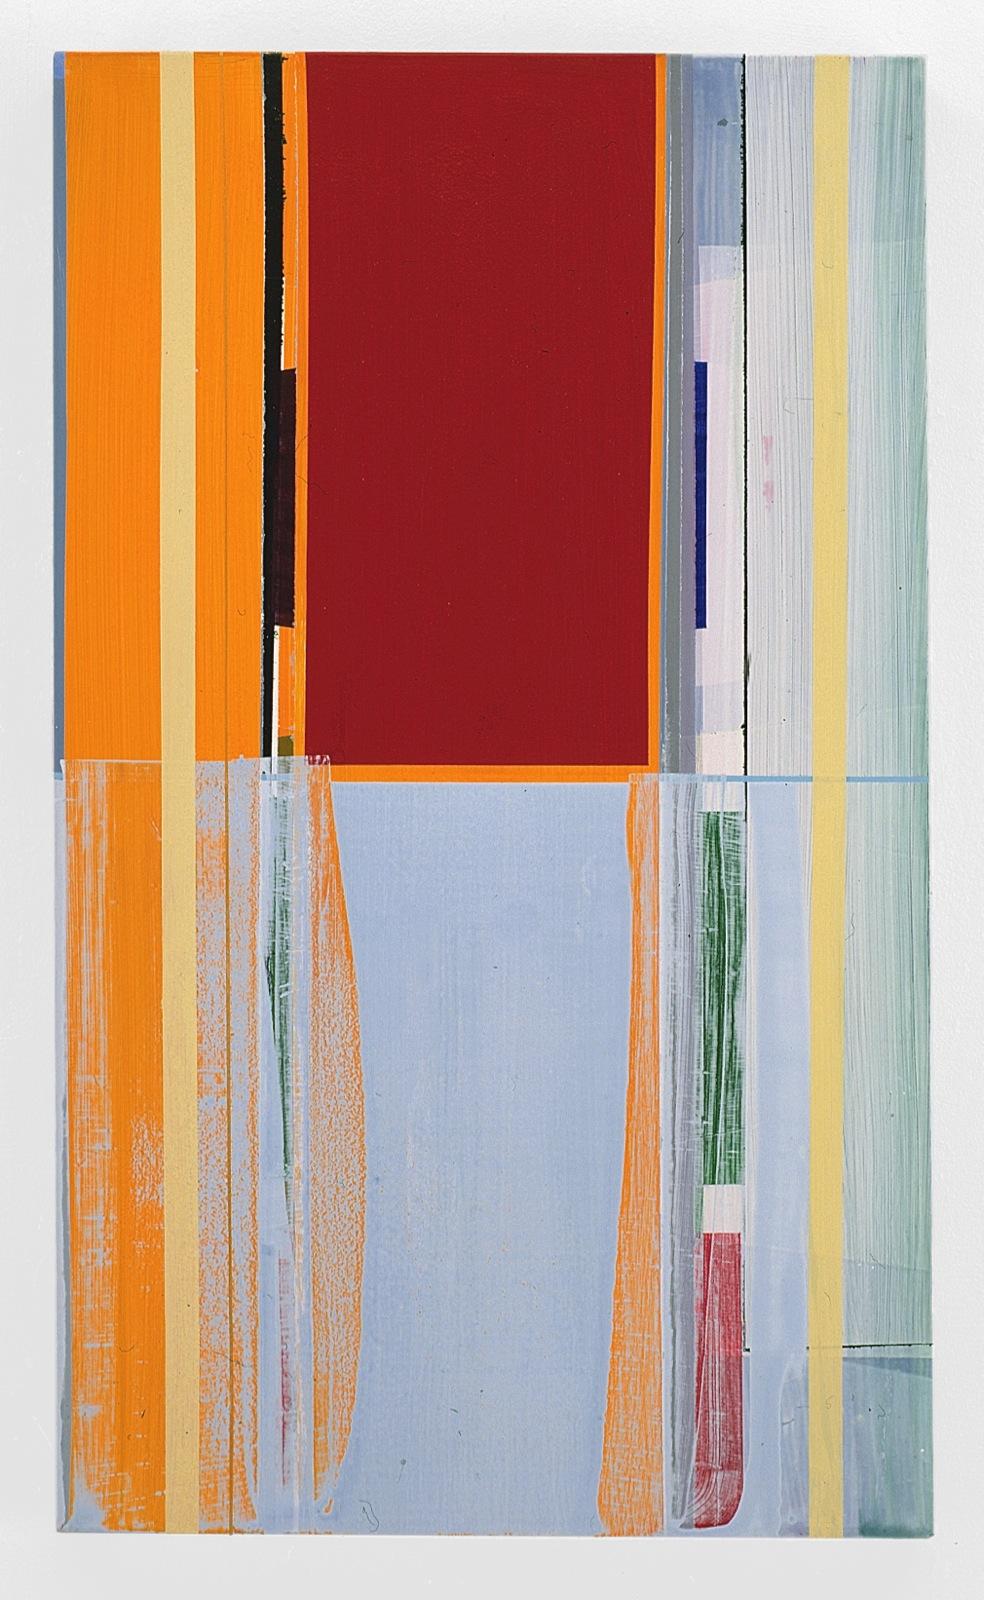 """""""Spiegelung"""", 50x90 cm, Acrylfarbe, Leinwand, 2001"""